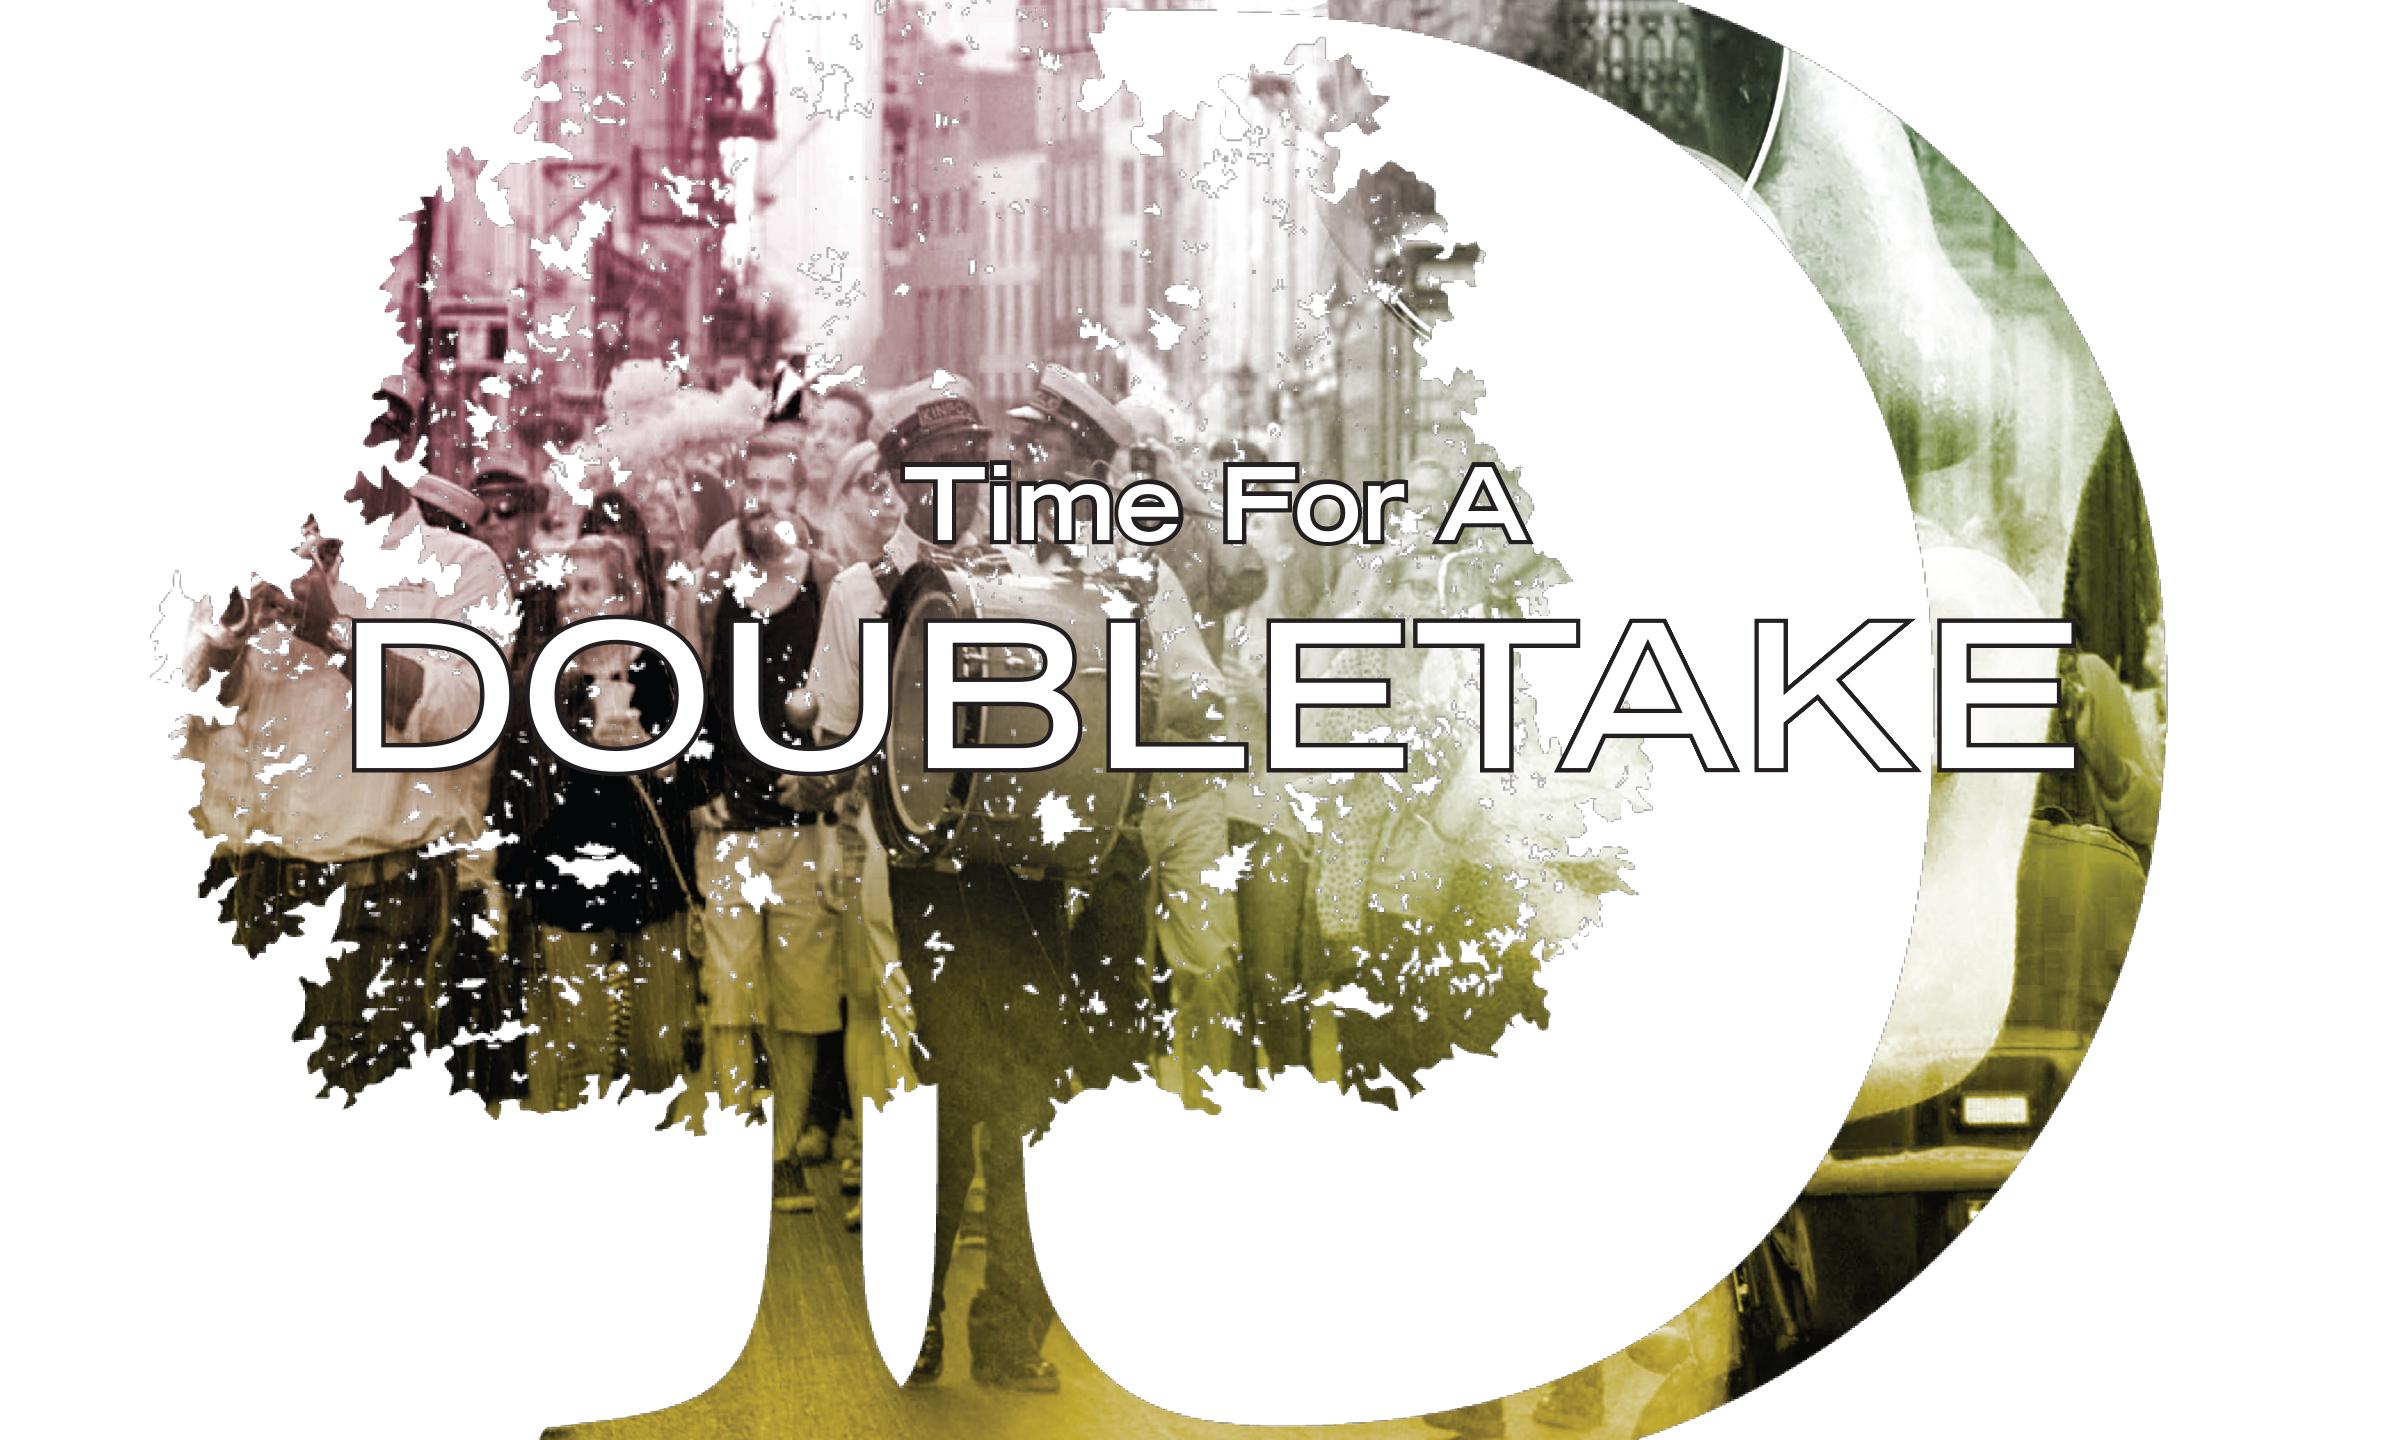 #doubletreedoubletake ICON design